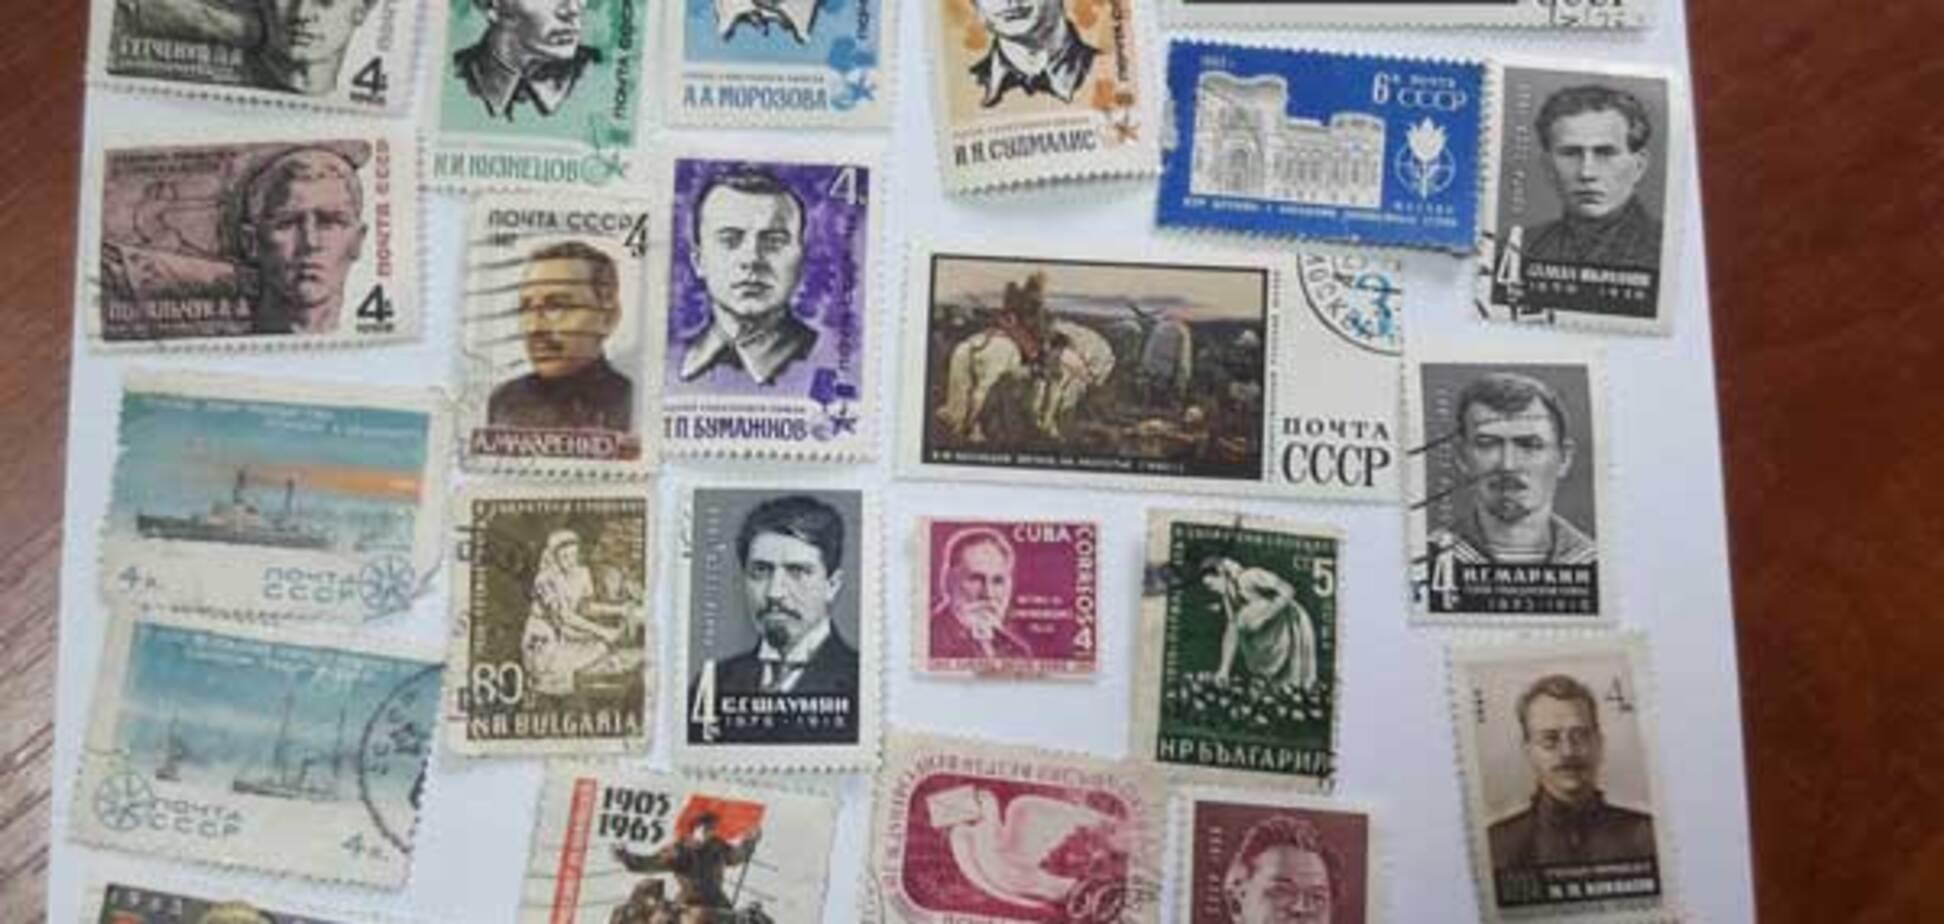 В аэропорту Запорожья задержали россиянина за попытку контрабанды раритетных марок